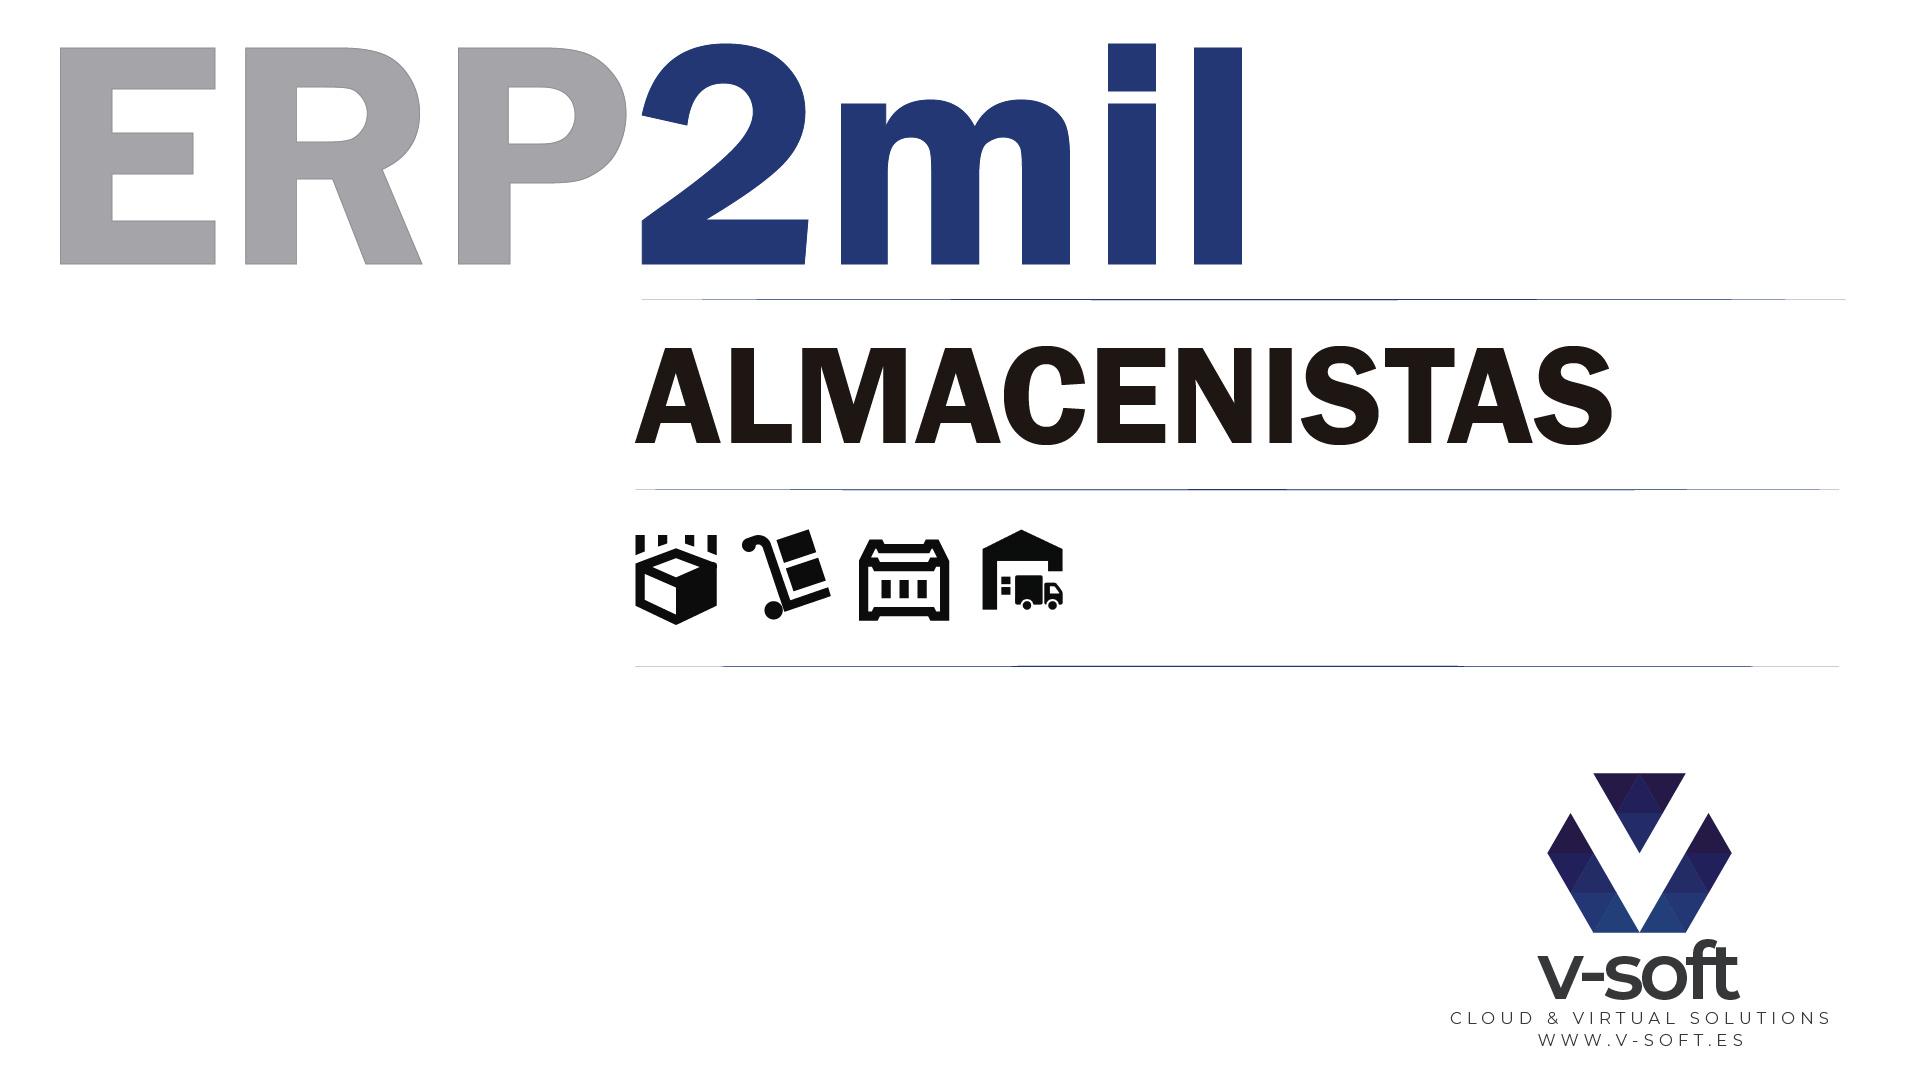 ERP2mil ALMACENISTAS de V-SOFT